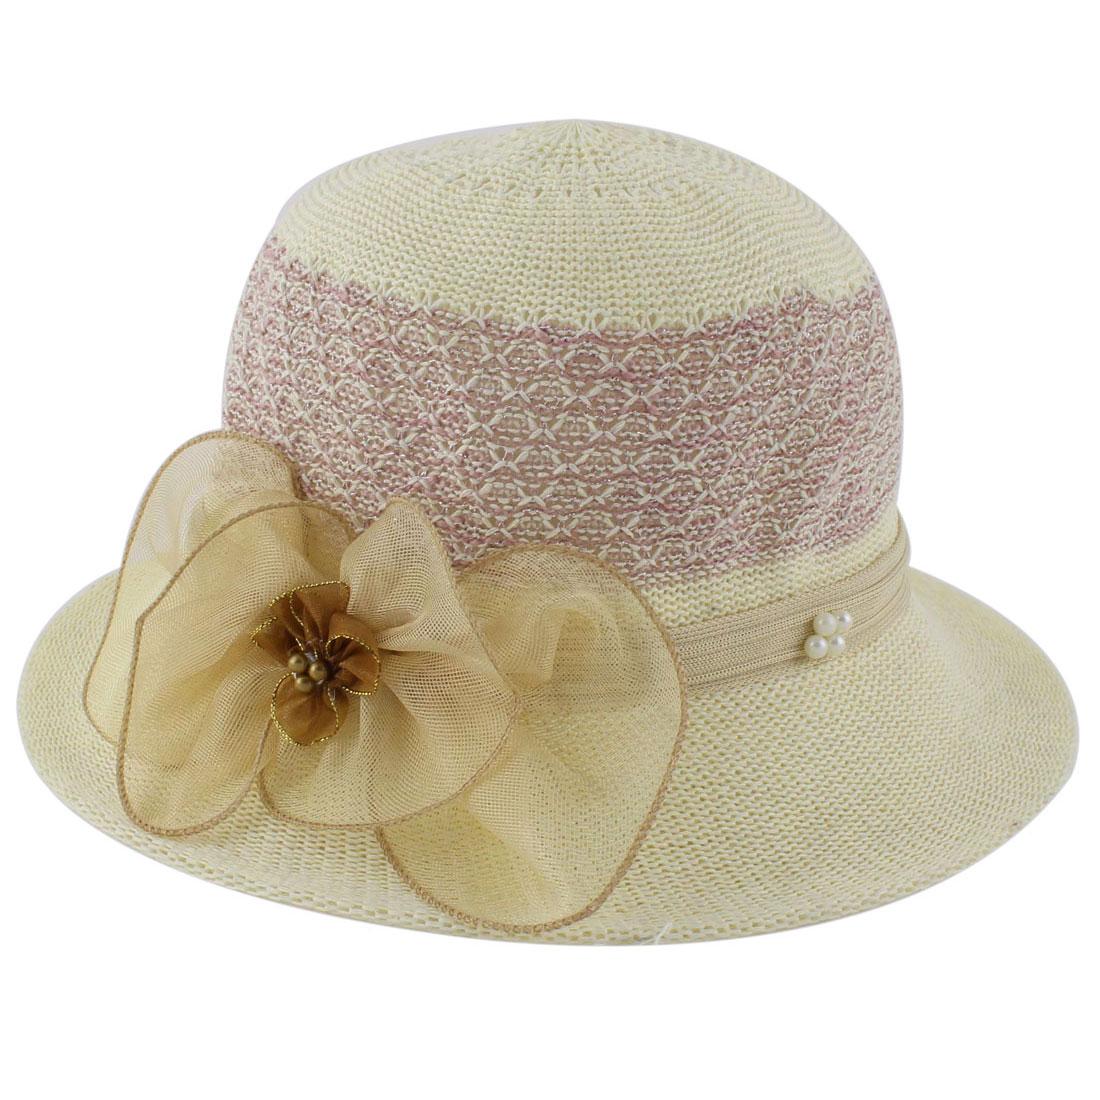 Polyester Flower Decor Wide Brim Summer Leisure Beach Skimmer Hat Beige